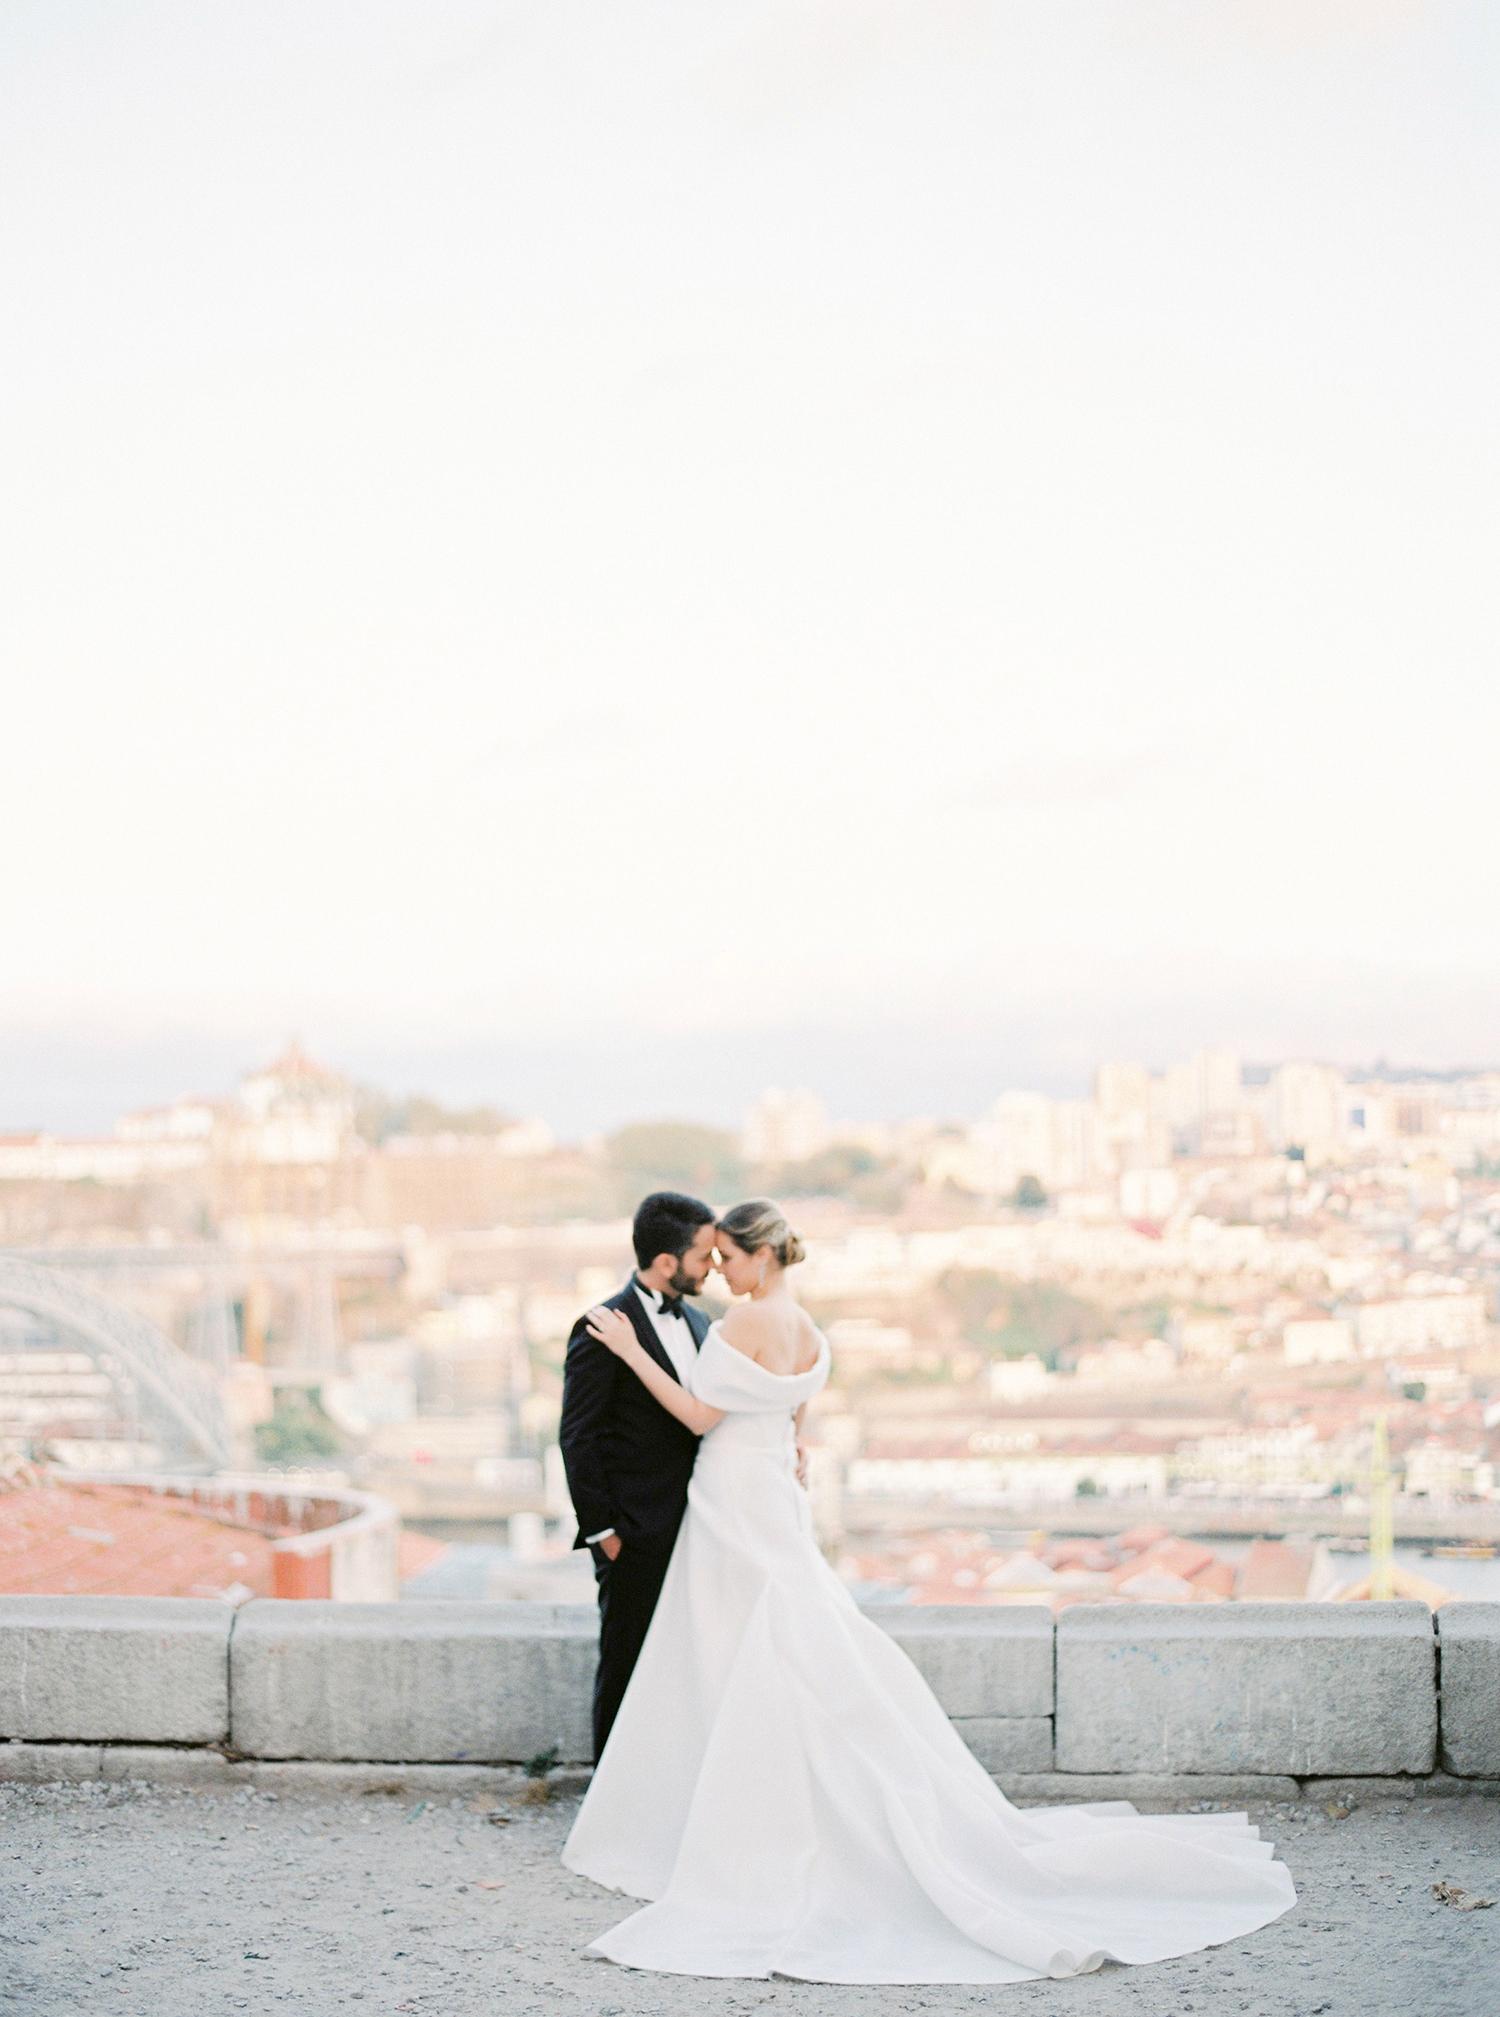 Wedding portraits overlooking the city